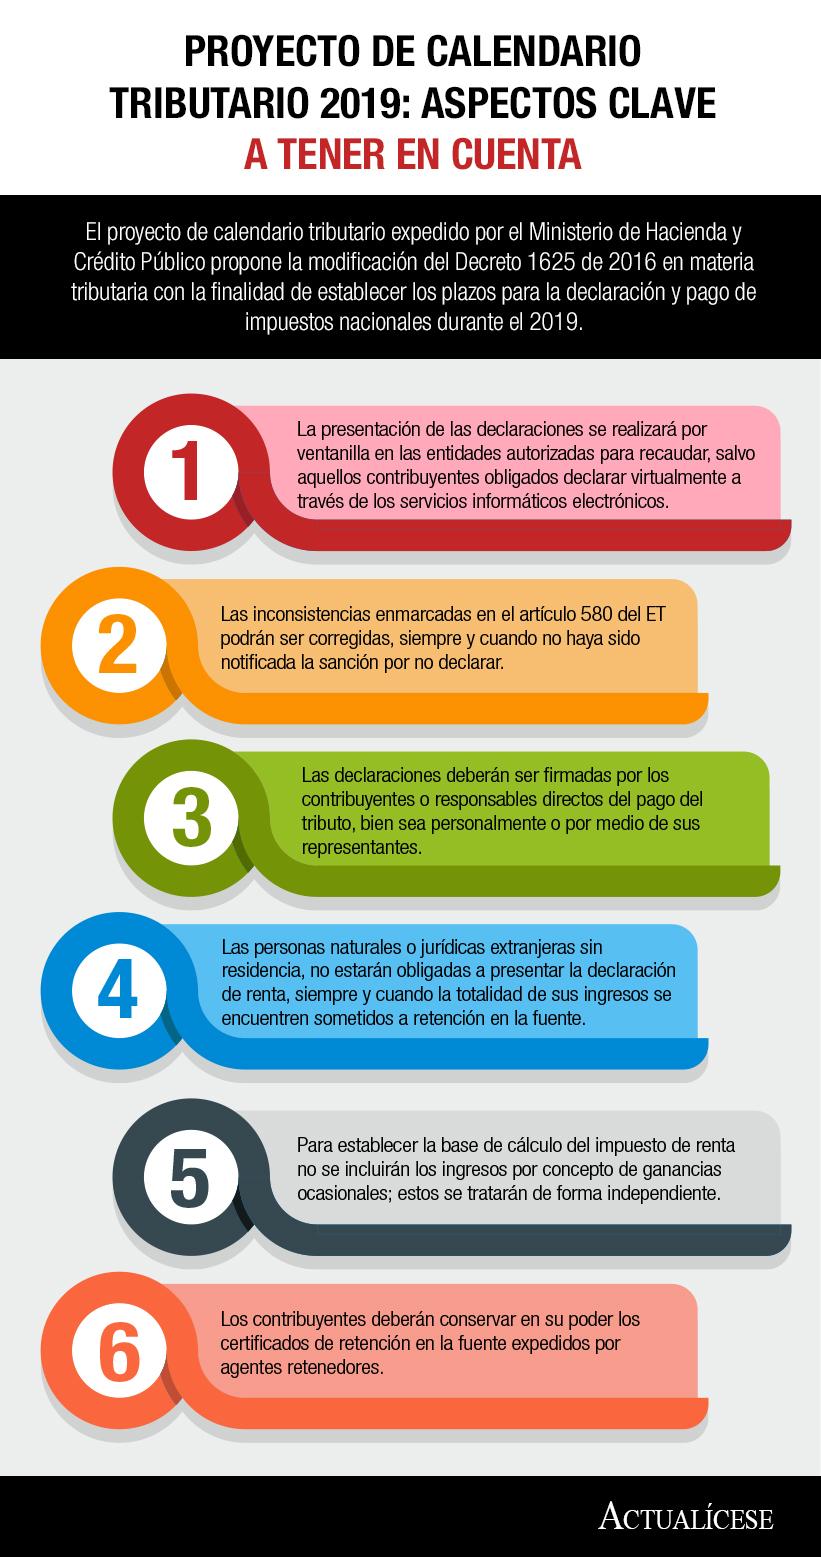 Calendario Fiscal 2019 Honduras.Proyecto De Calendario Tributario 2019